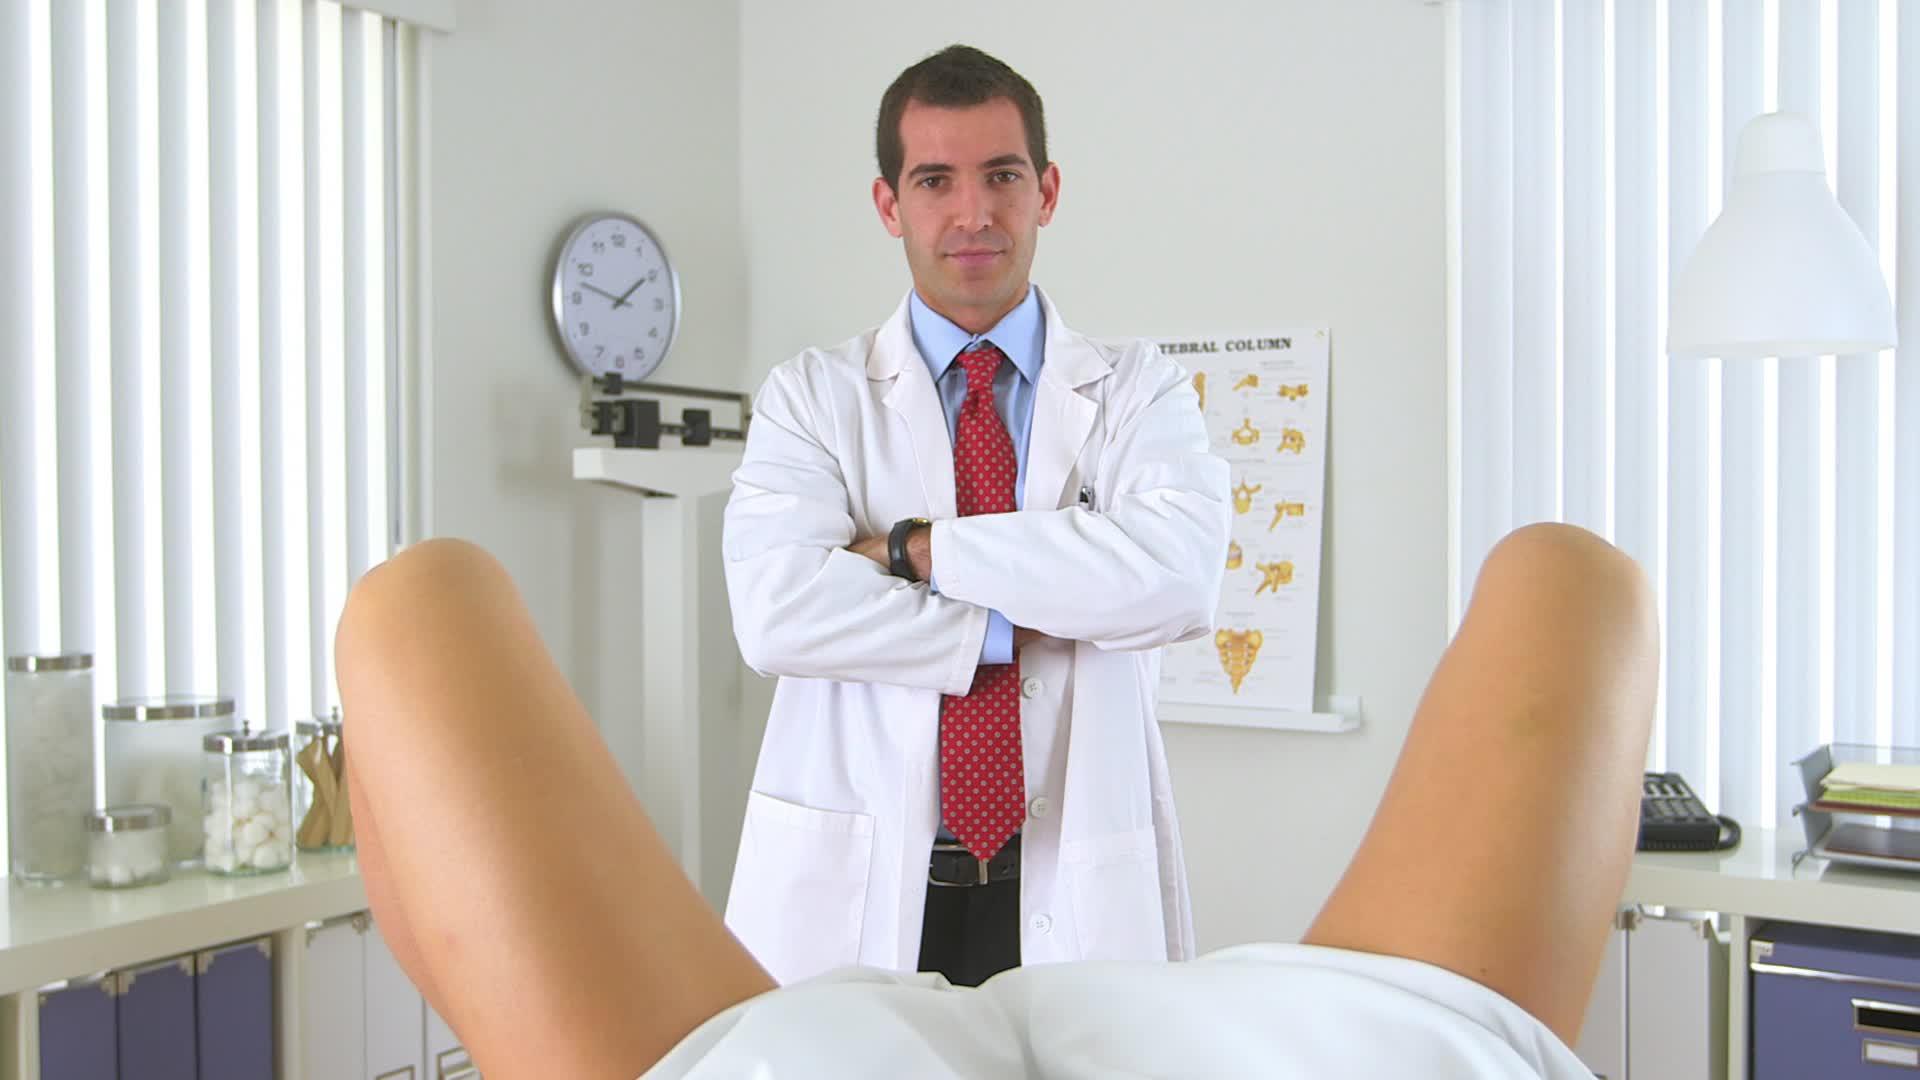 Смотреть онлайн гинекологические осмотры женщин